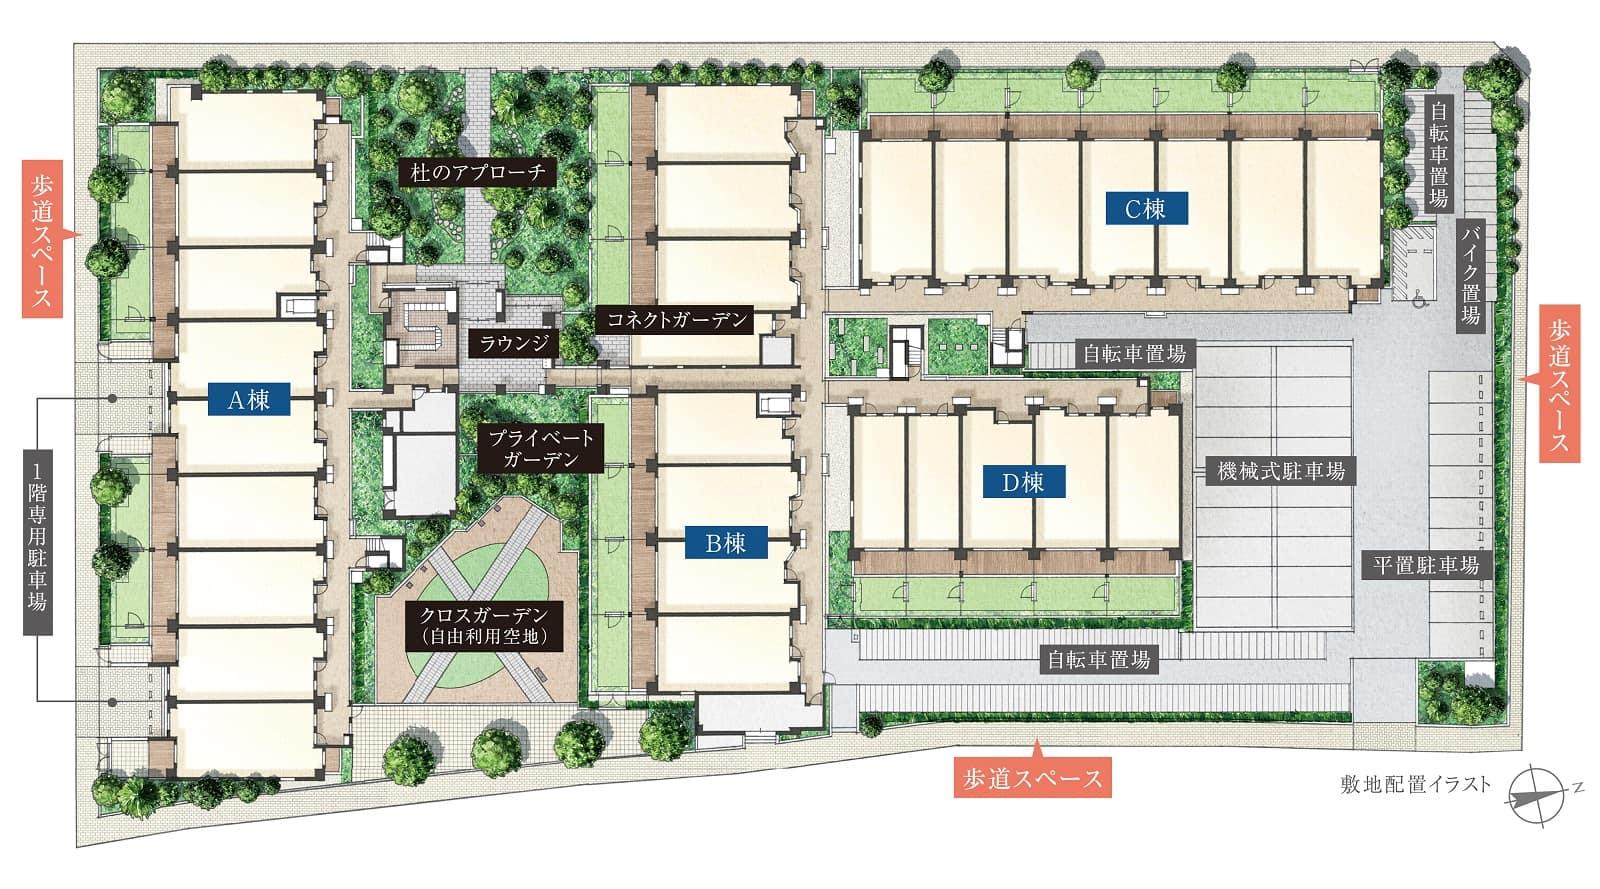 プライムパークス上大岡 ザ・レジデンスの敷地配置図(WoMansion)